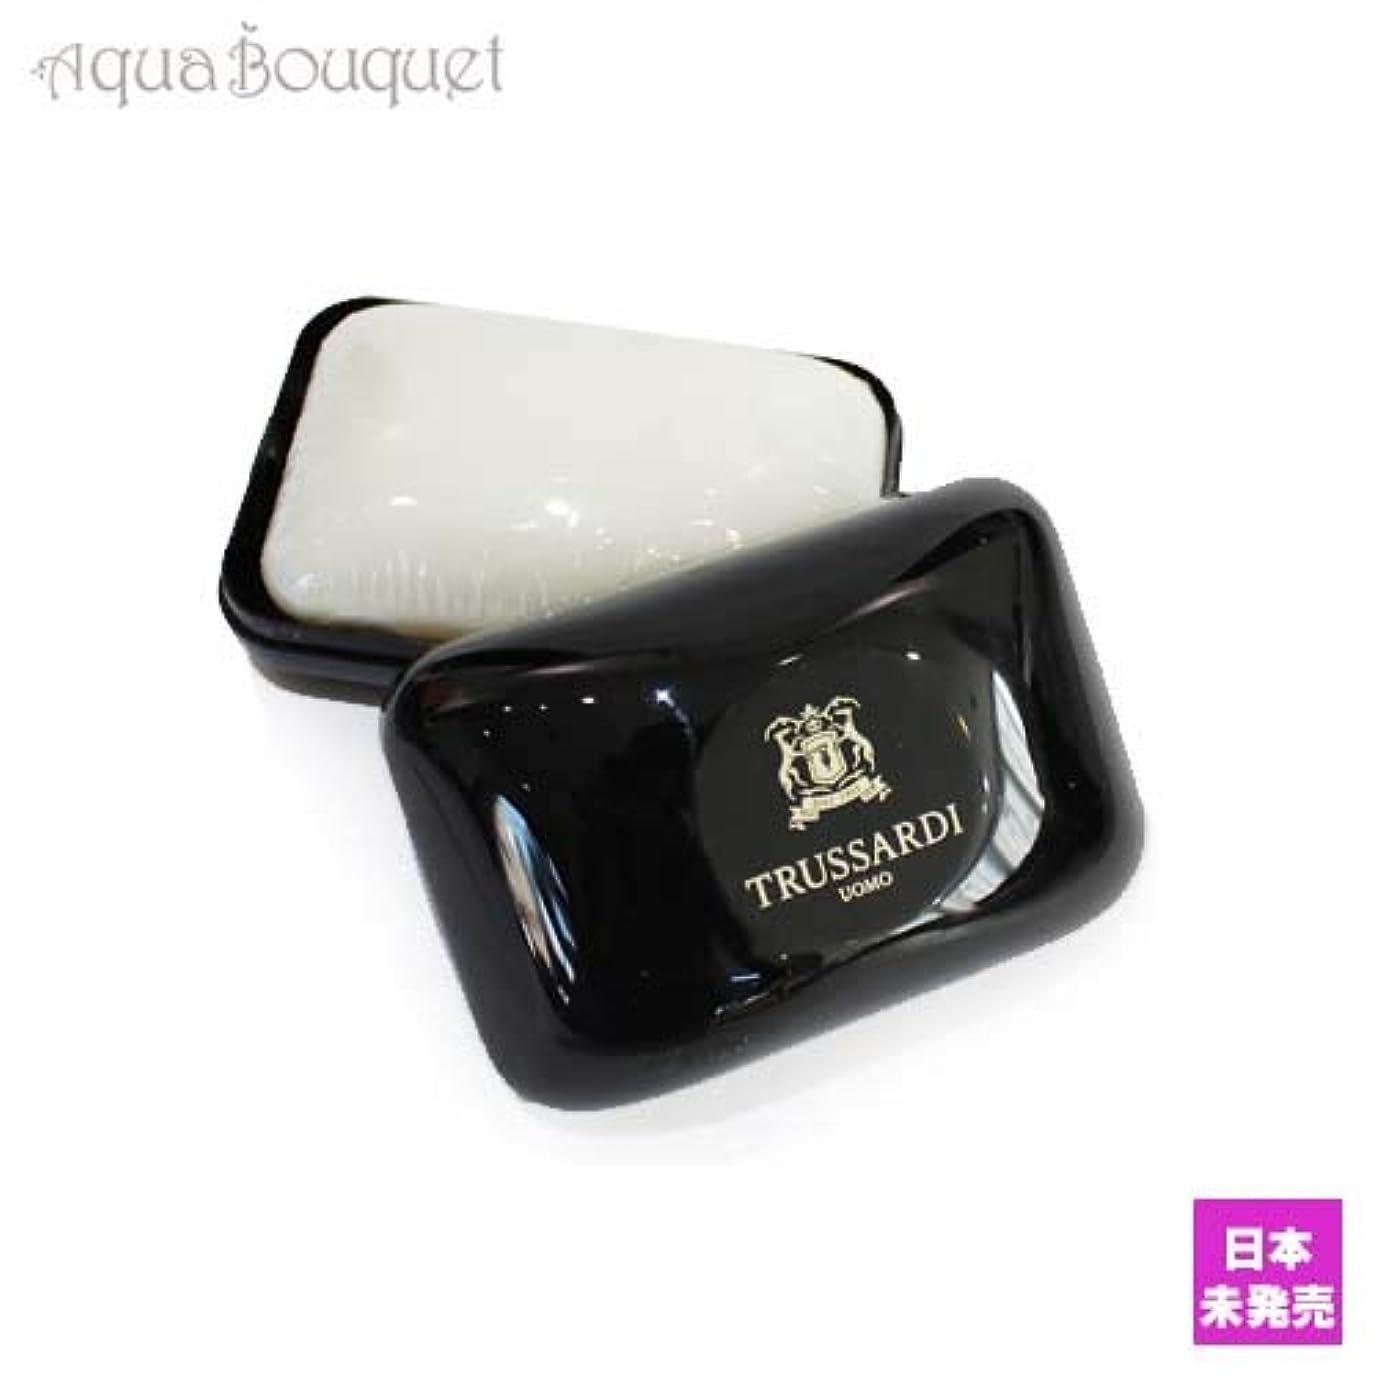 追加アームストロング子トラサルディ ウォモ ソープ 100g(ケース付き)TRUSSARDI UOMO SOAP [7216] [並行輸入品]